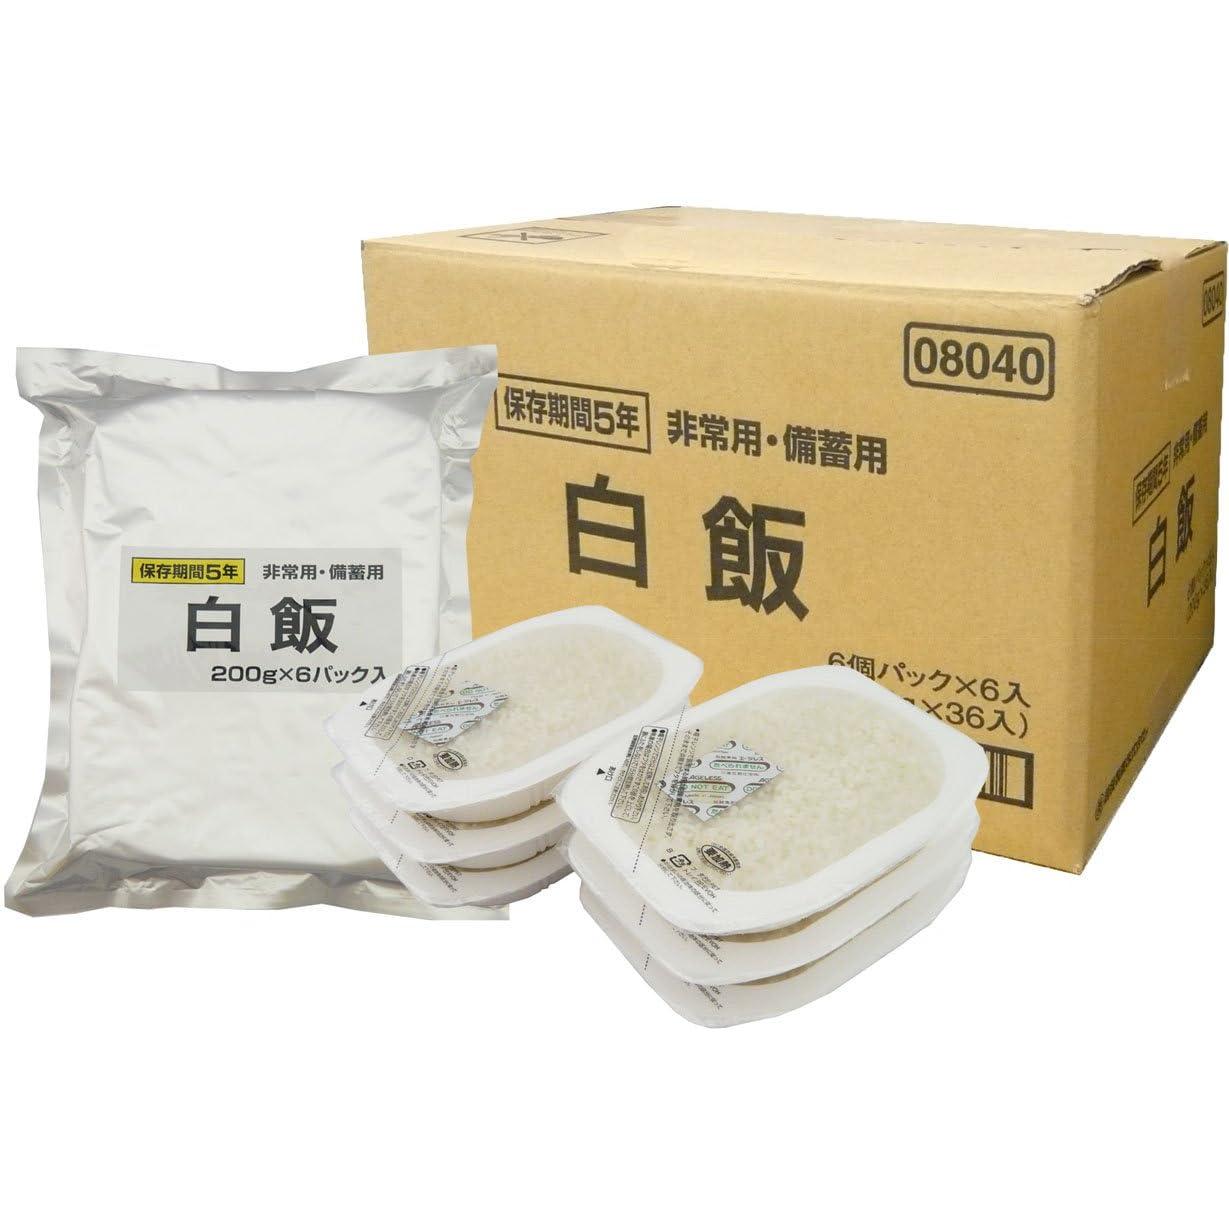 【越後製菓】備蓄用・保存用白飯 6個×6袋(36食分)【賞味期限5年】